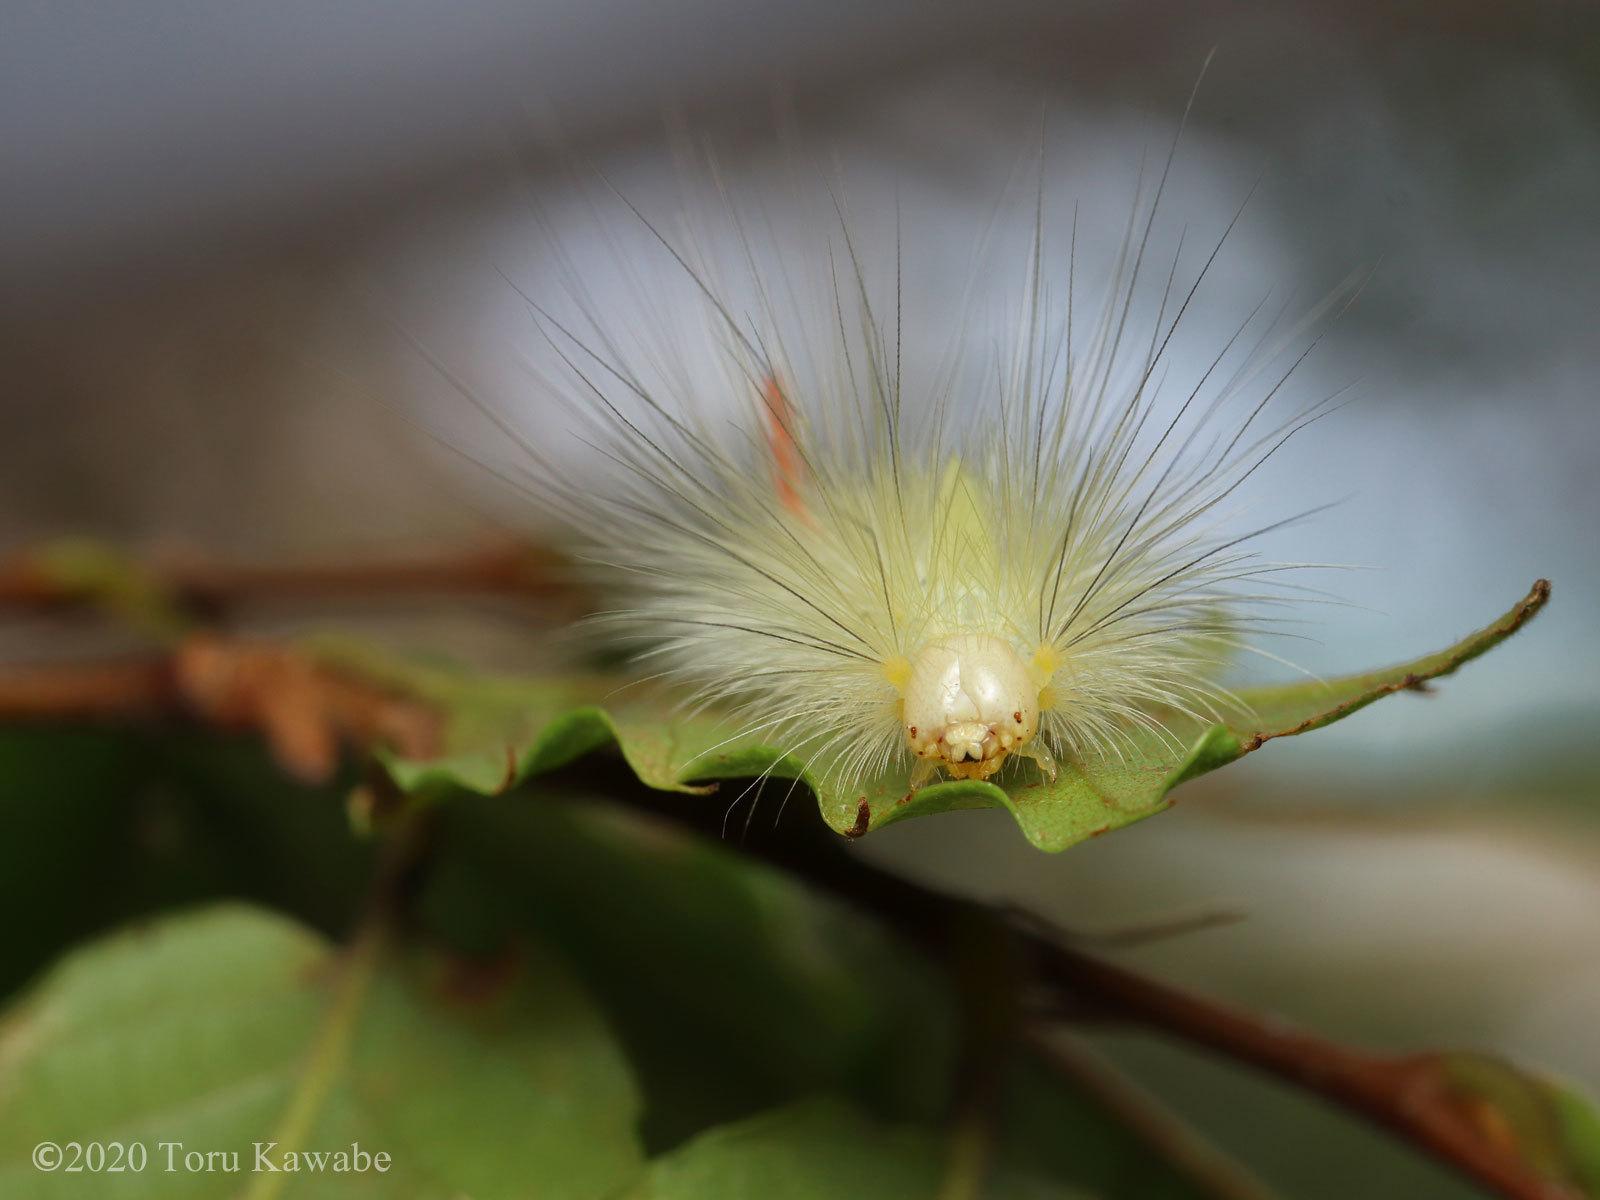 庭のローズマリーにくっ付いた美しい秋色の毛虫さん_b0025008_09494553.jpg